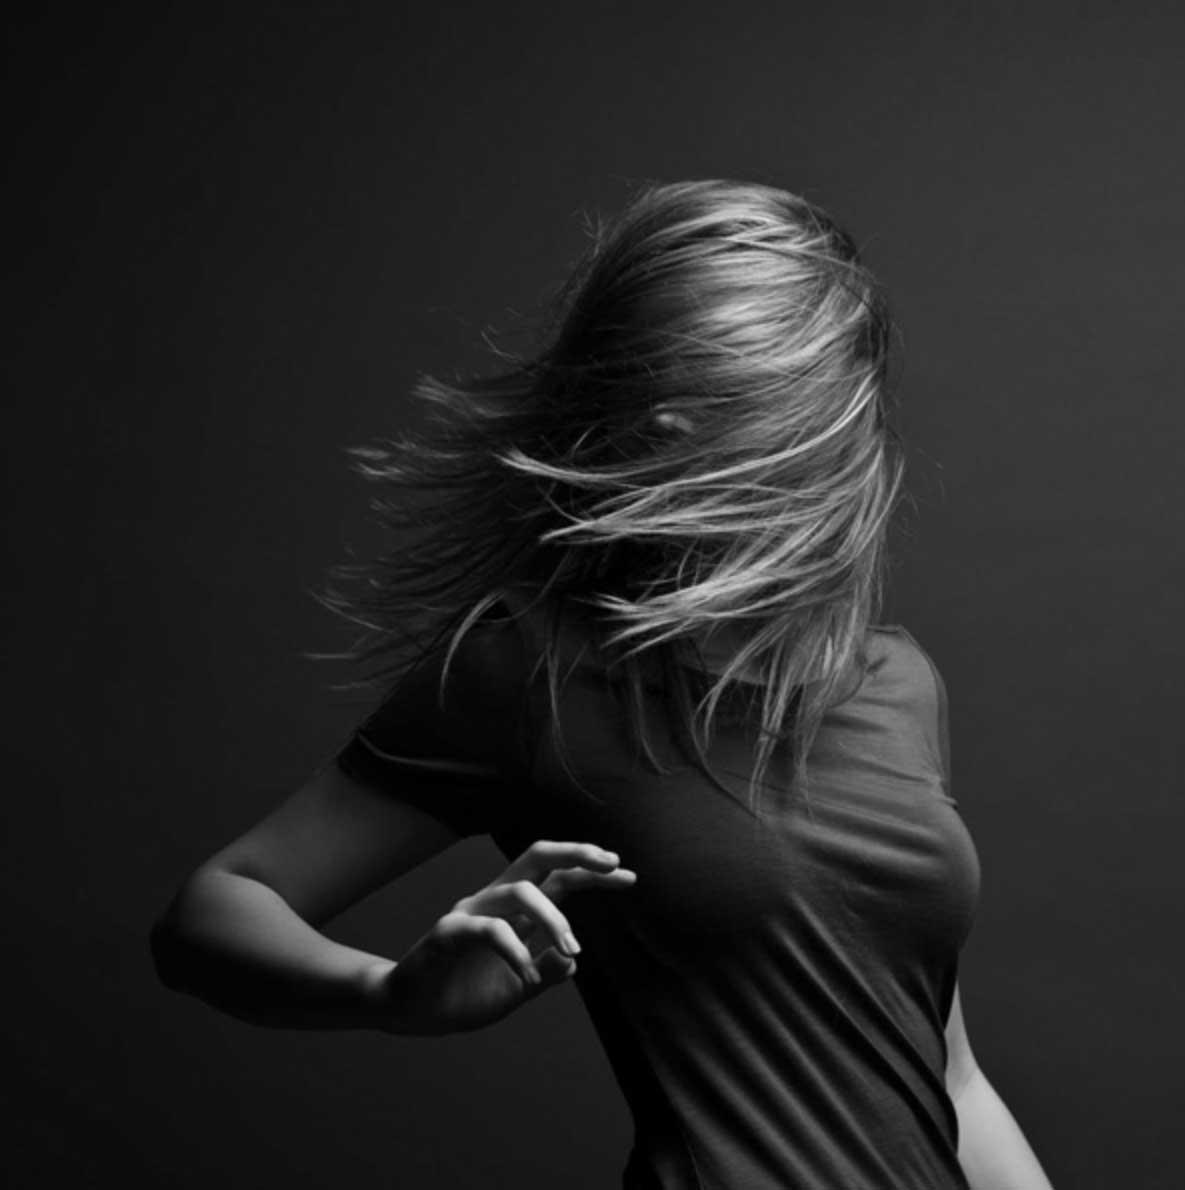 Haarprächtige Frauenportraits marc-laroche-hair_01